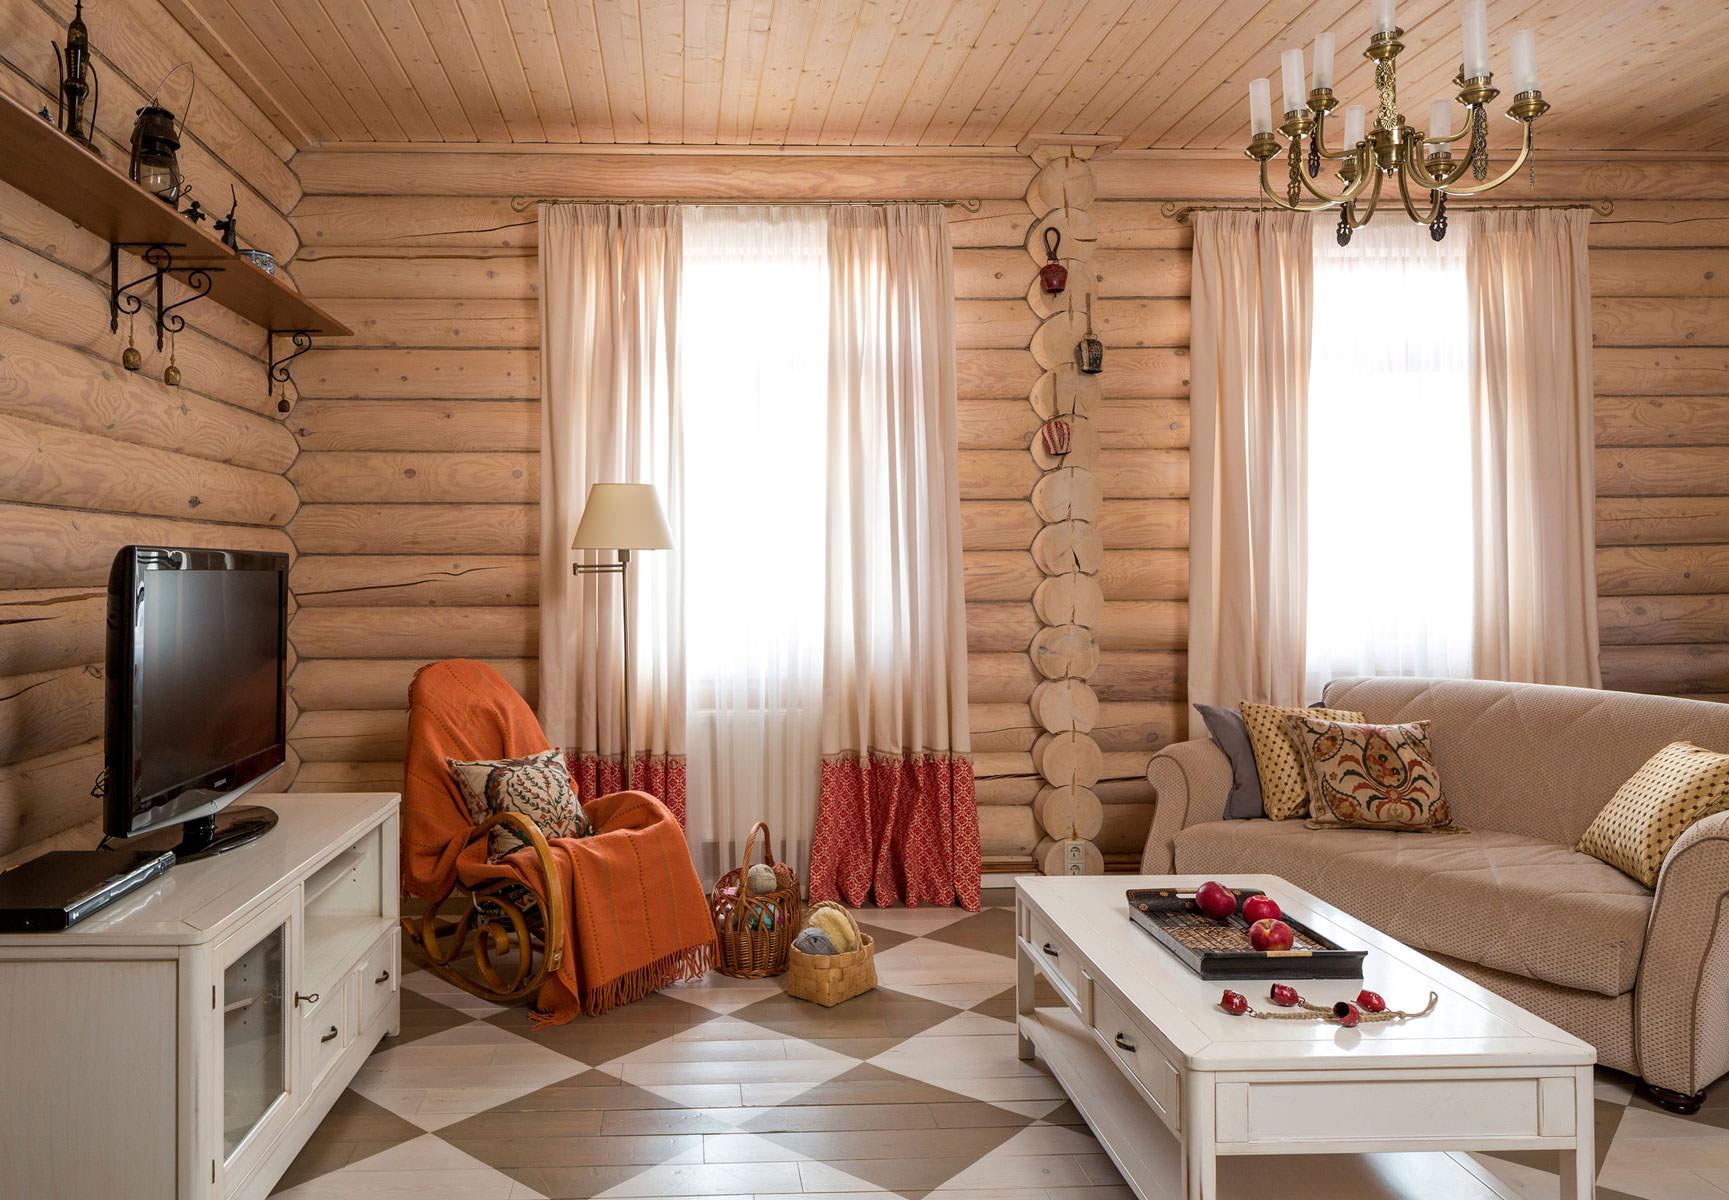 При создании интерьера гостиной в деревенском стиле используют теплые и светлые цвета